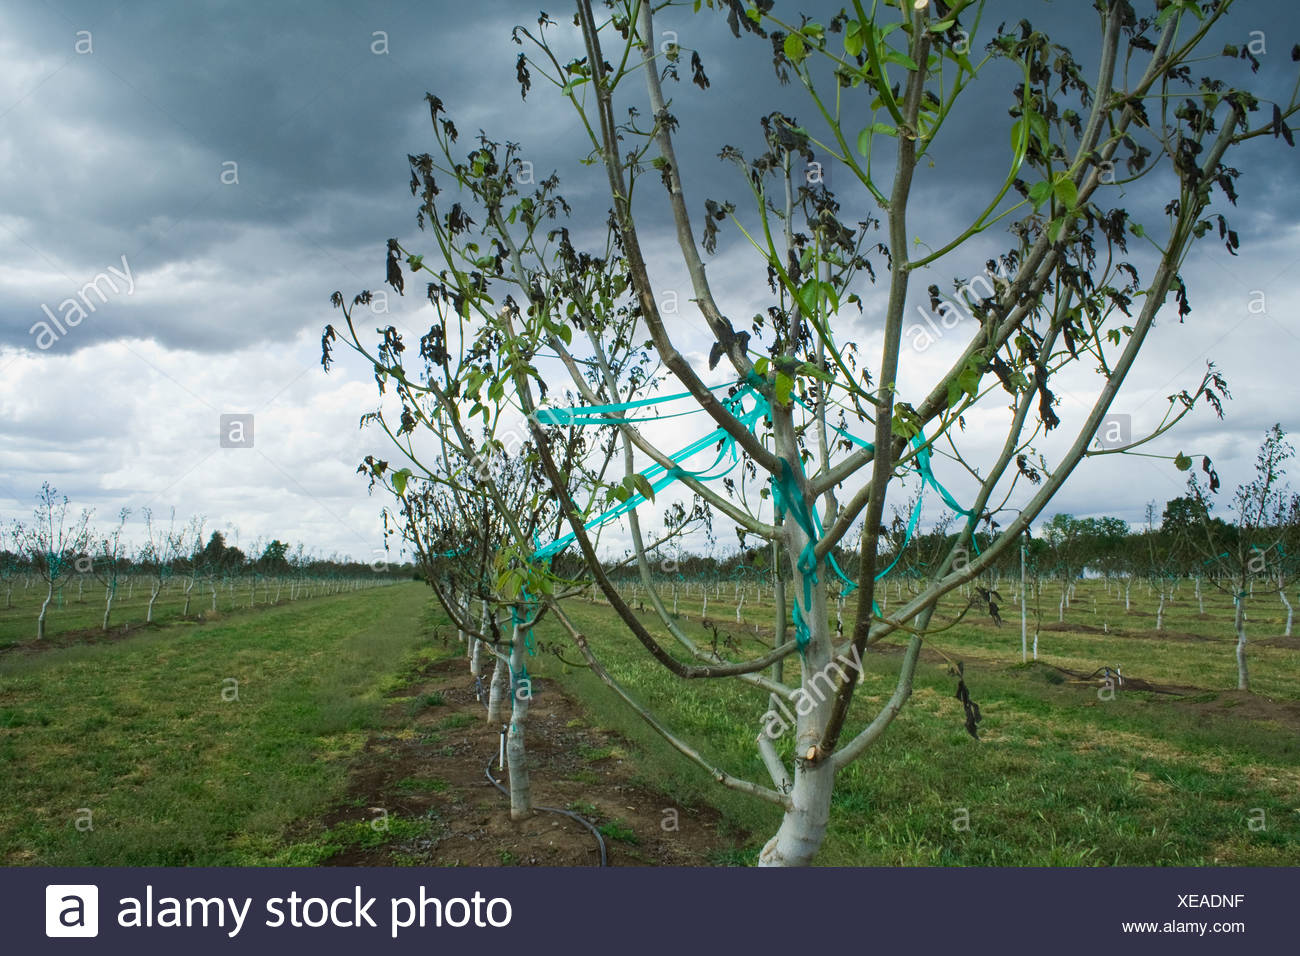 Landwirtschaft - Schaden Walnuss Bäume verursacht durch eine schwere ungewöhnliche Frühling Einfrieren / in der Nähe von Dairyville, Kalifornien, USA. Stockbild